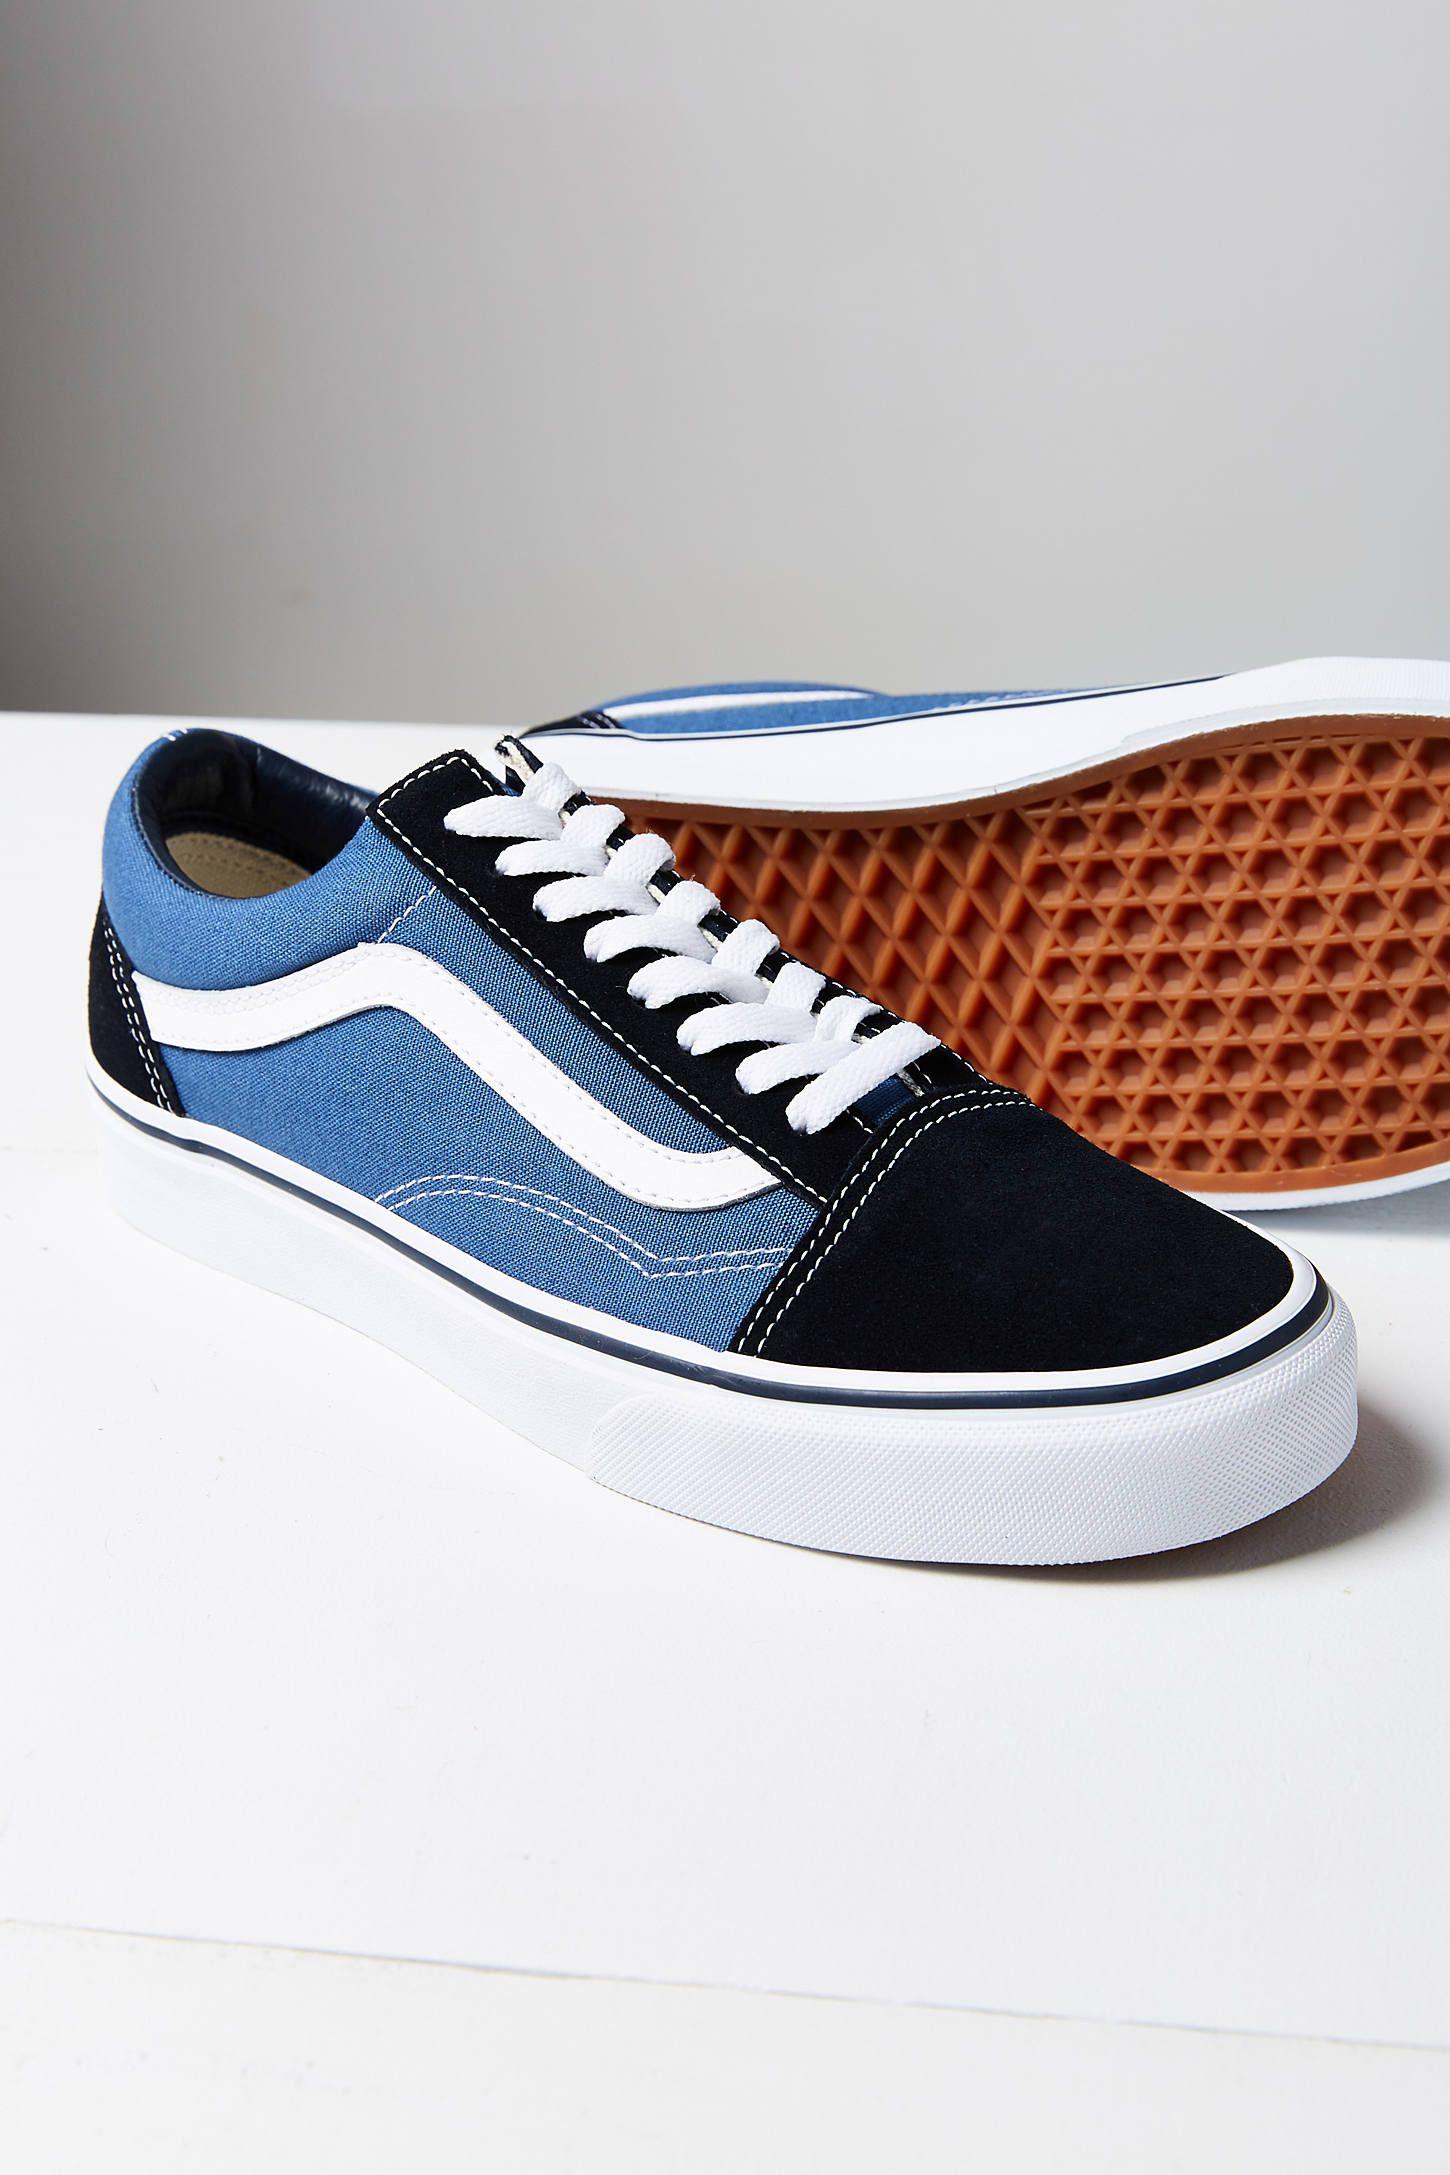 Vans Old Skool Sneaker | Vans classic